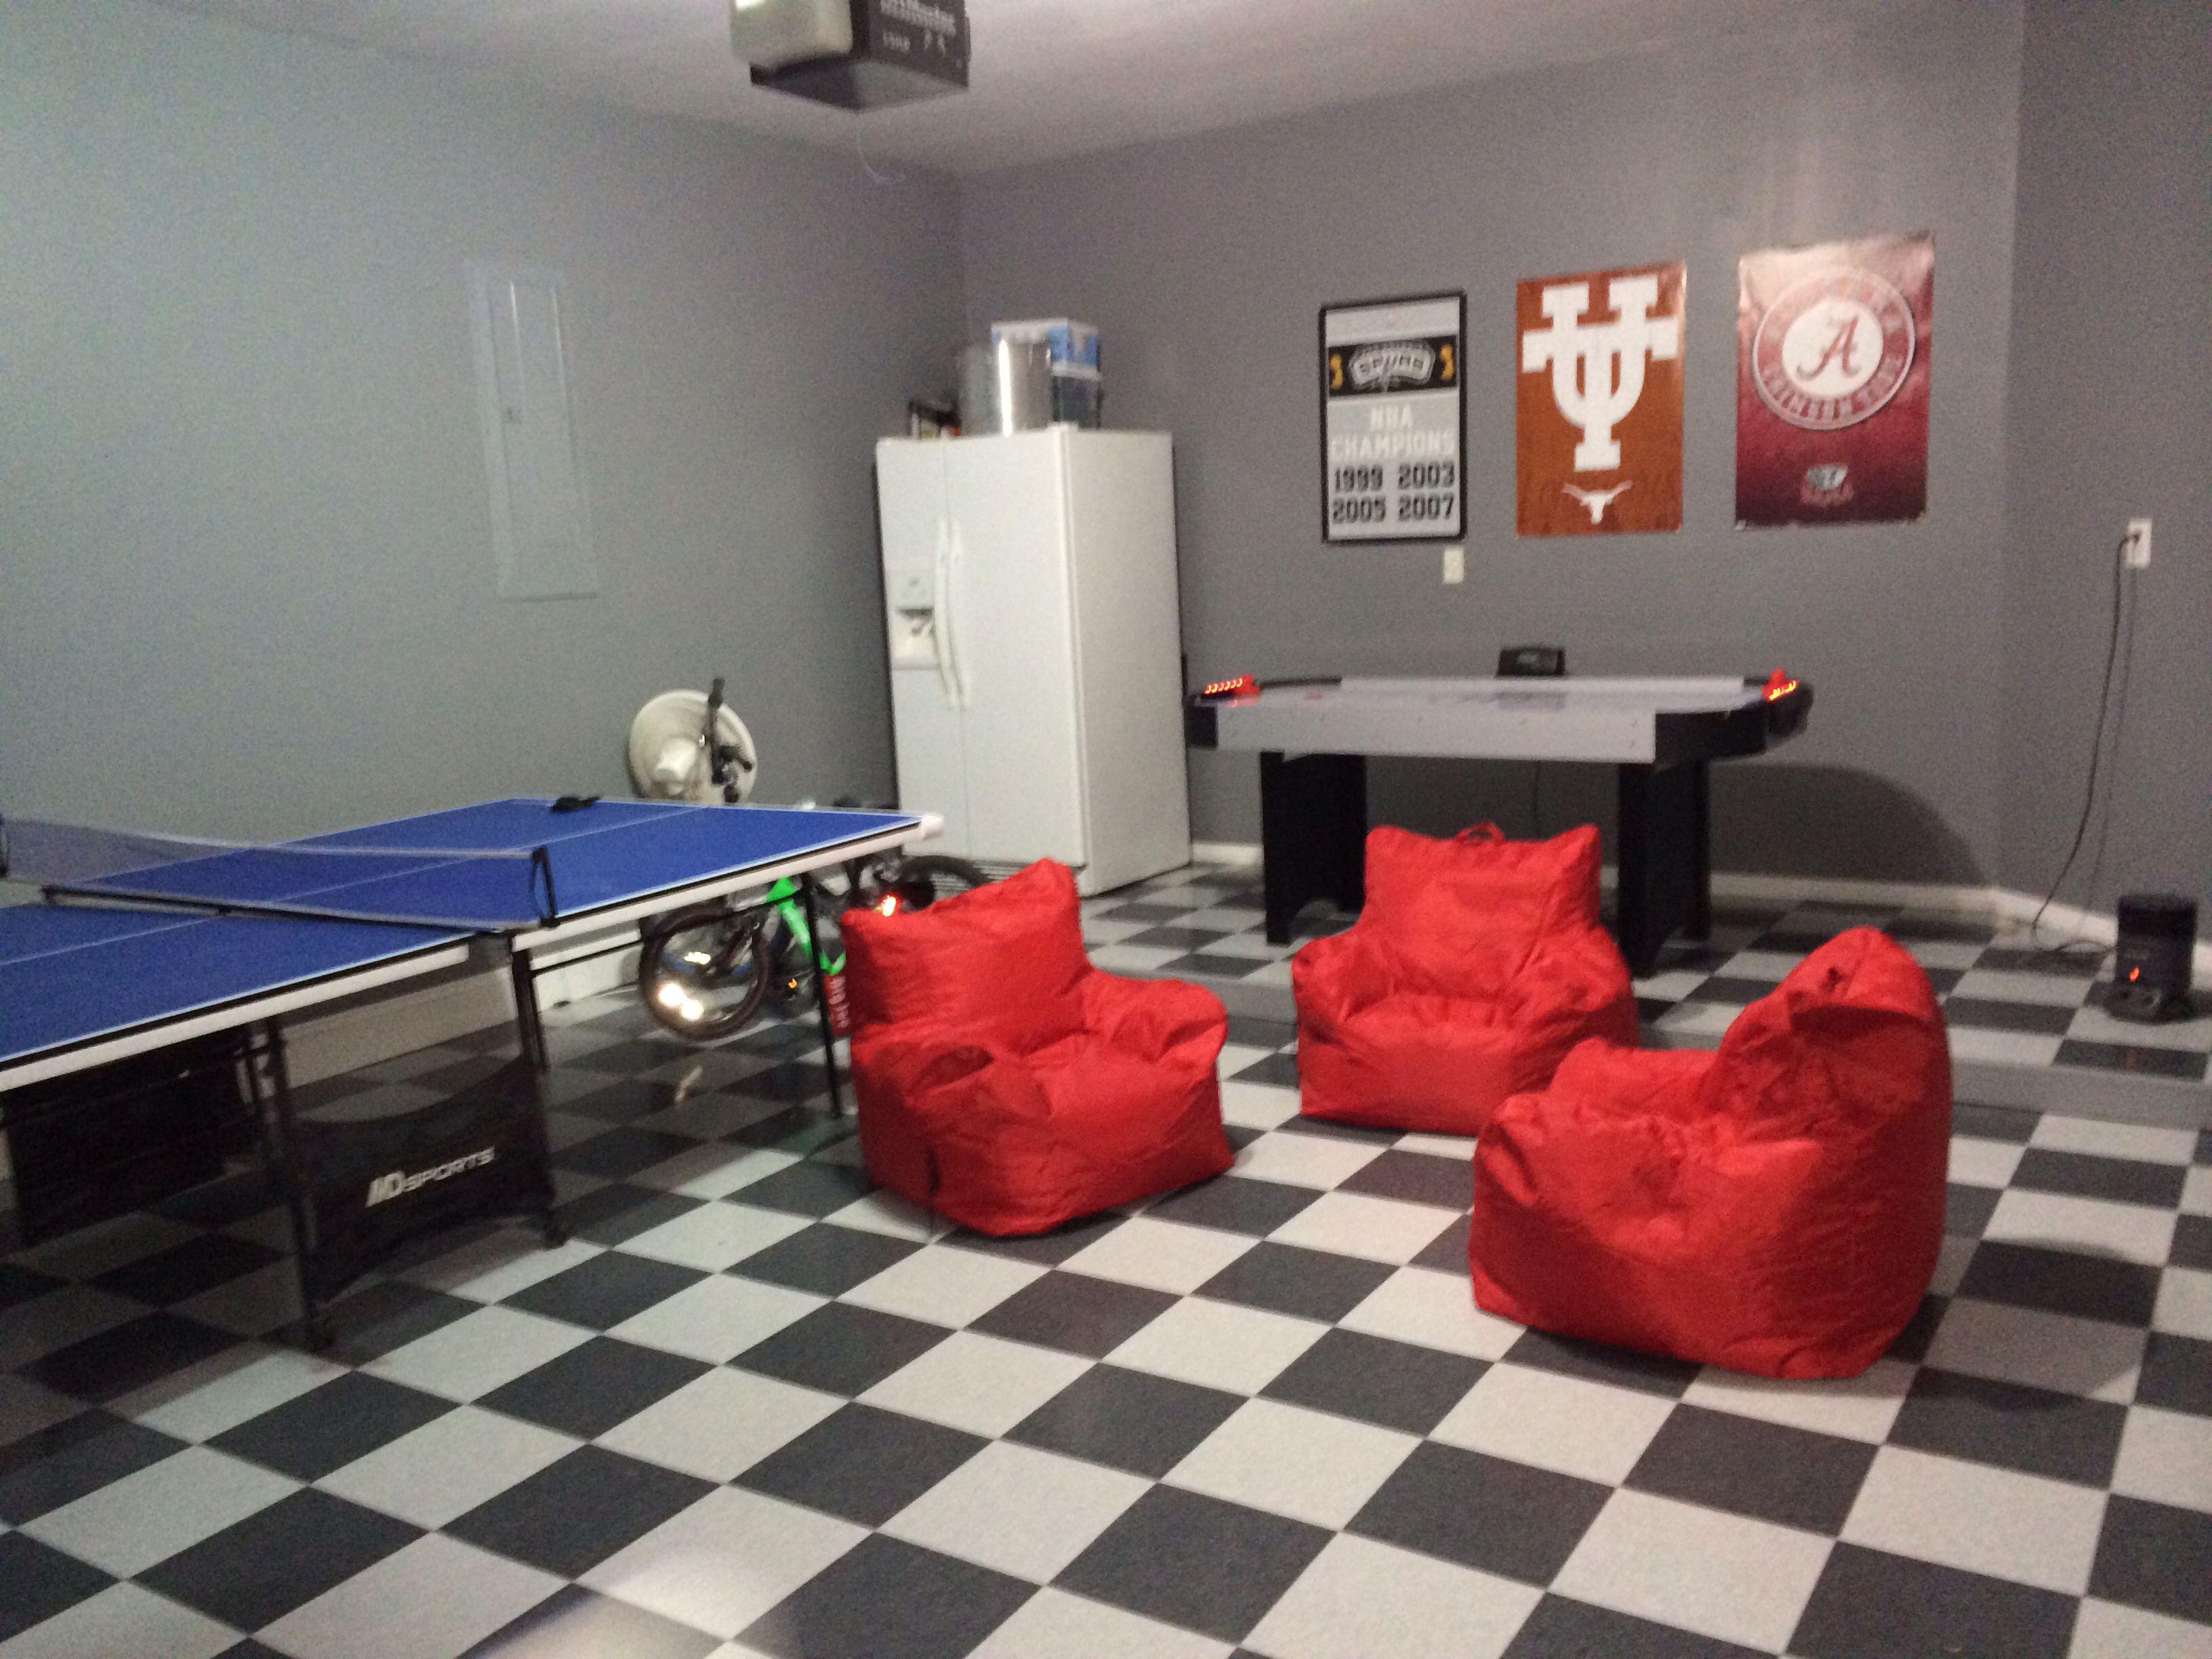 Garage Game Room Making Progress